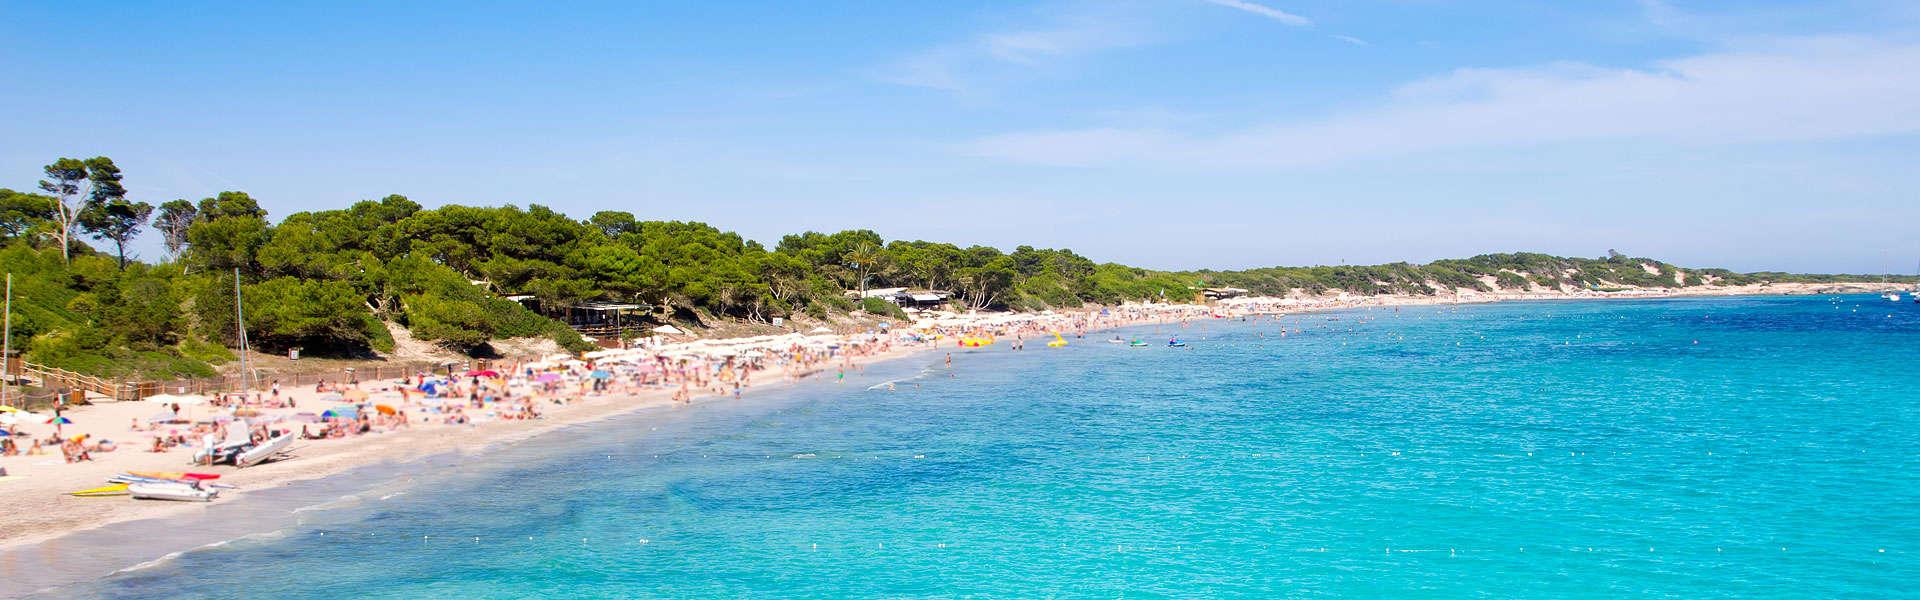 Freuen Sie sich auf Traumstrände! Ses Salines - Touristenmagnet im Ibiza Urlaub